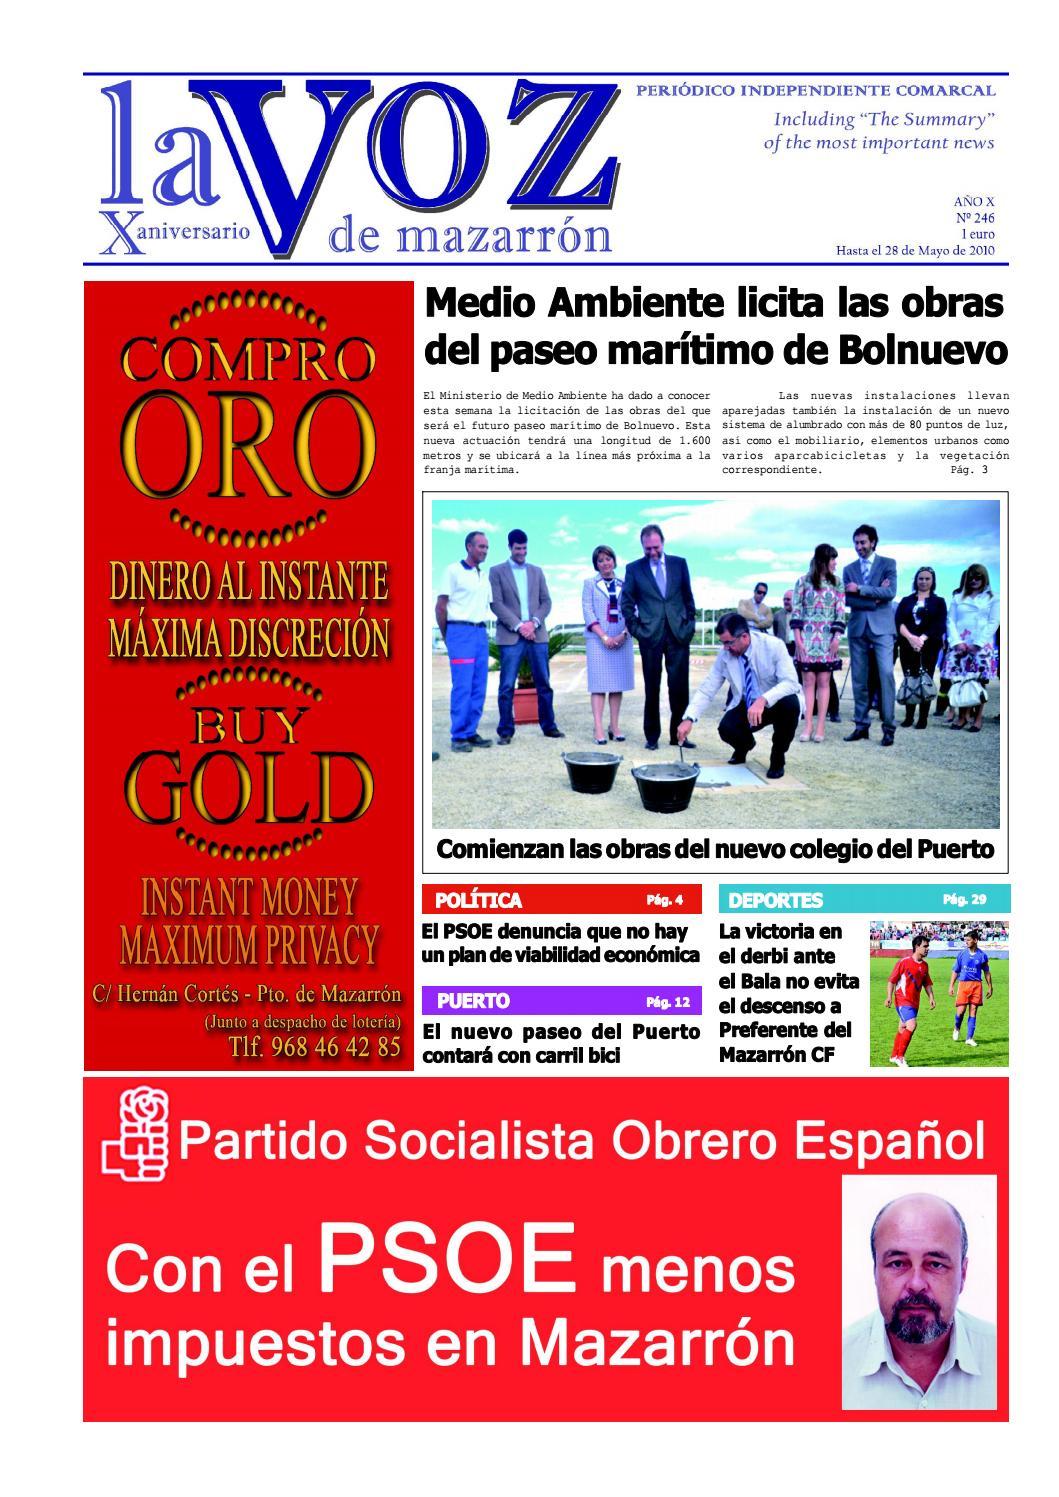 Big bola apuestas telefono comprar loteria en Santiago-293848